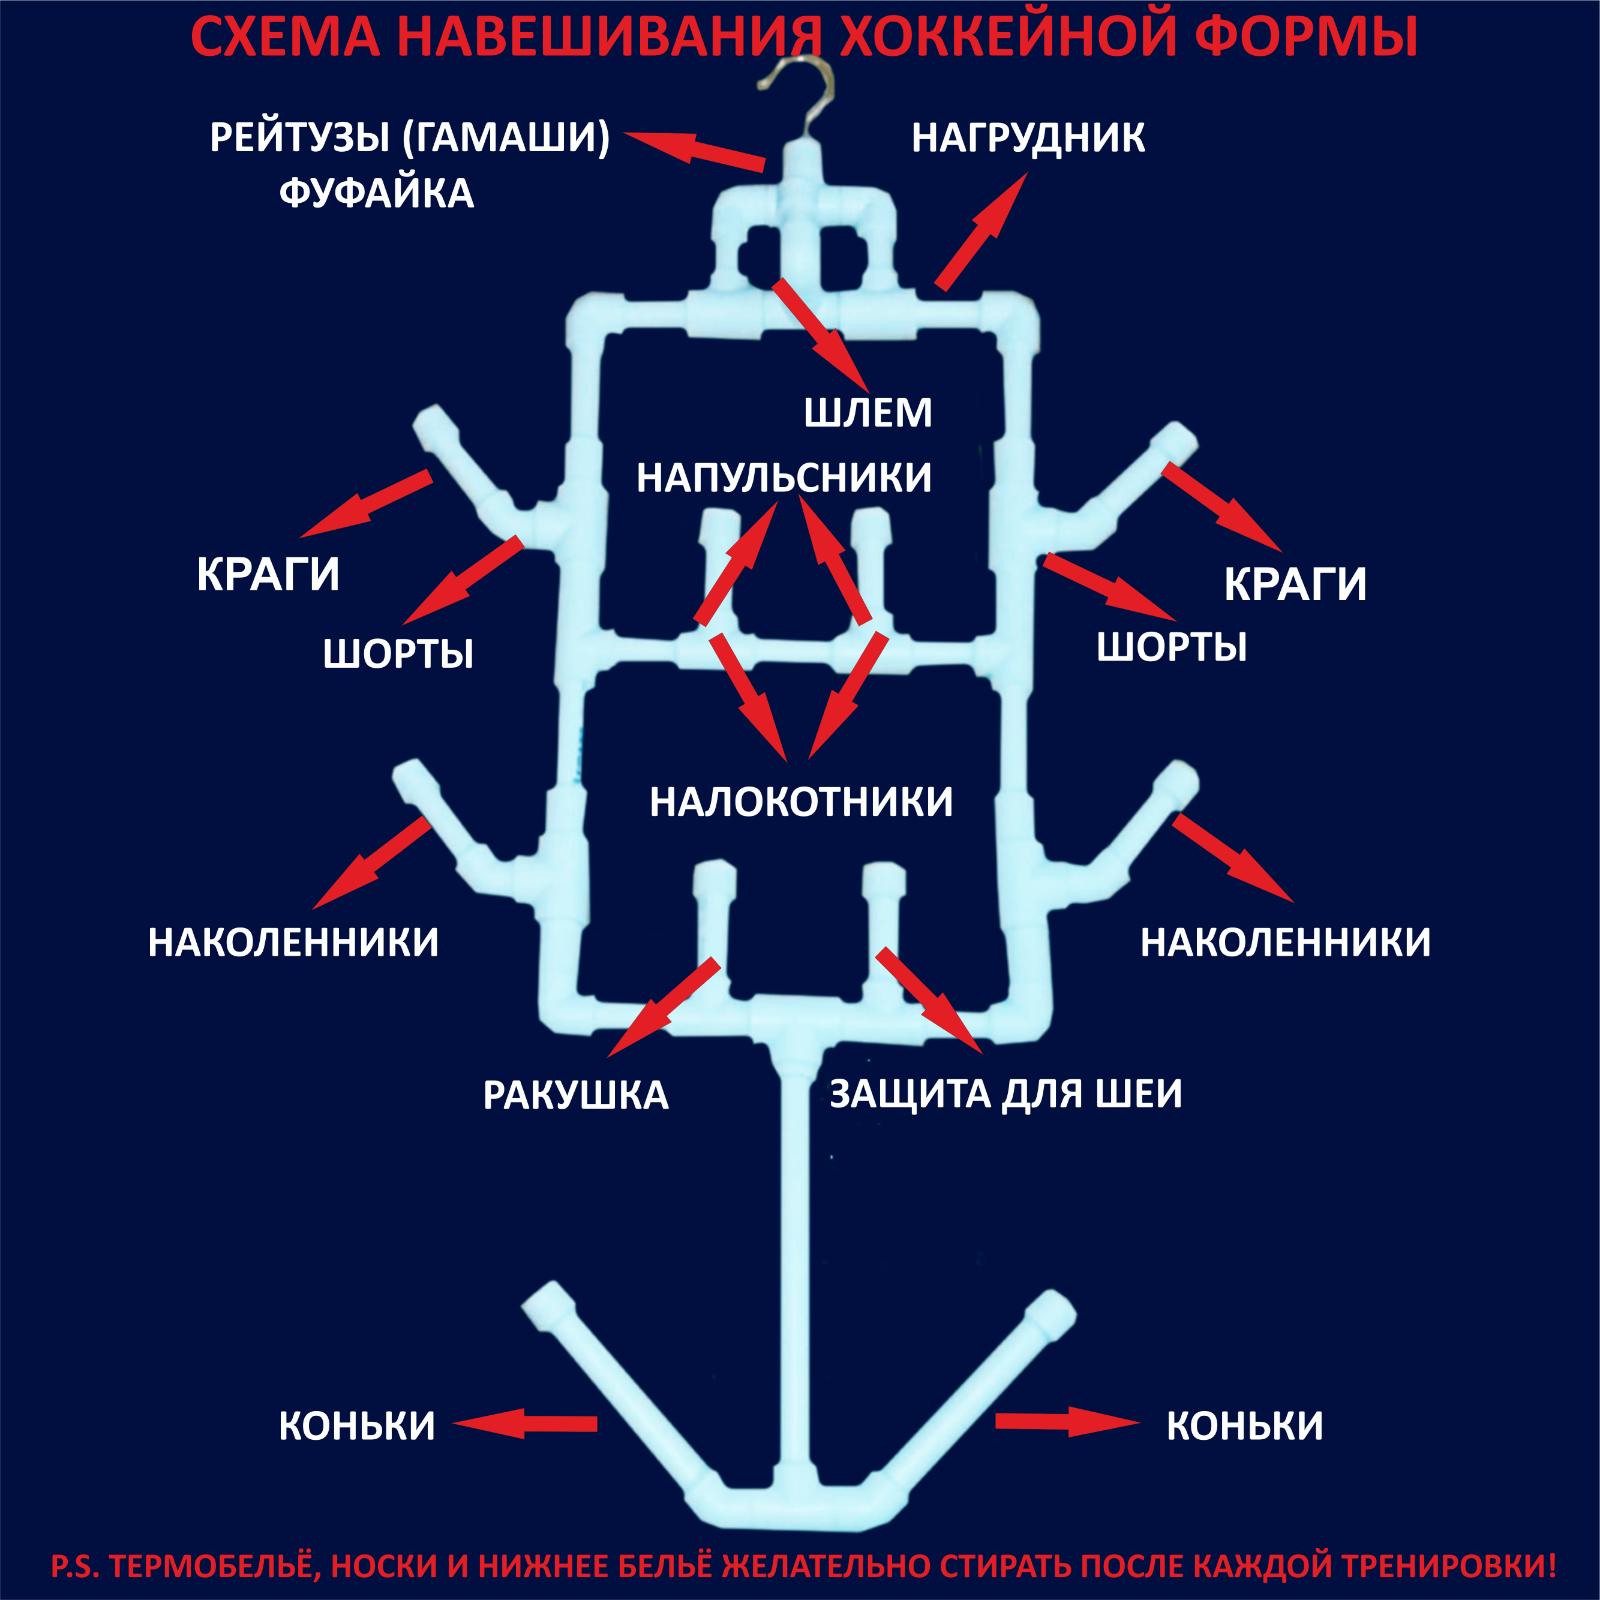 Схема навешивания хоккейной экипировки на вешалку GermanHokk модель ЧЕМОДАН